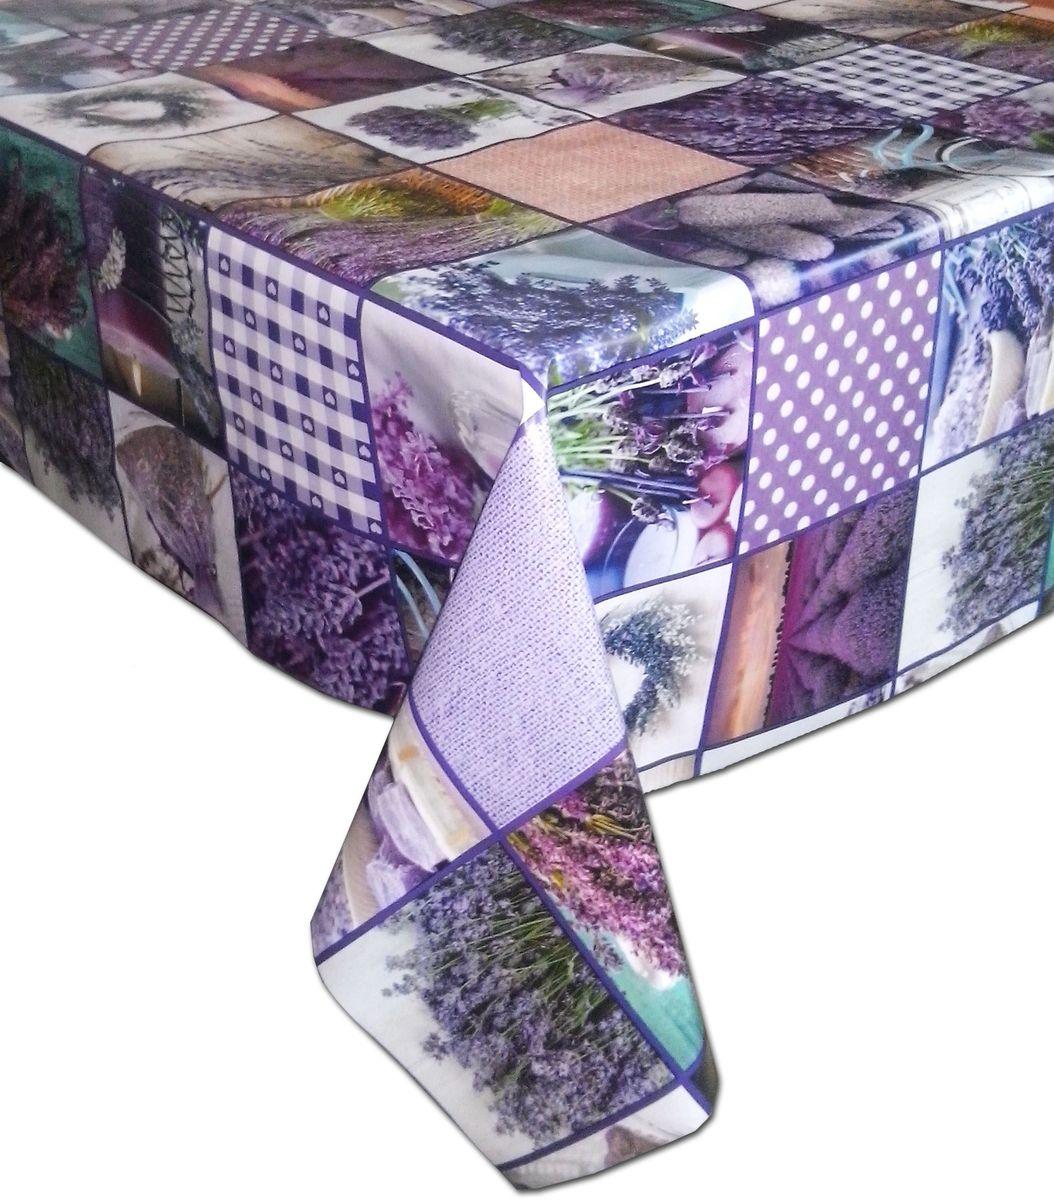 Столовая клеенка LCadesi Florista, прямоугольная, 100 х 140 см. FL100140-309-00FL100140-309-00Столовая клеенка LCadesi Florista с ярким дизайном украсит ваш стол и защитит его от царапин и пятен. Благодаря основе из нетканого материала не скользит по столу. Клеенка не имеет запаха и совершенно безопасна для человека.Размер: 100 х 140 см.